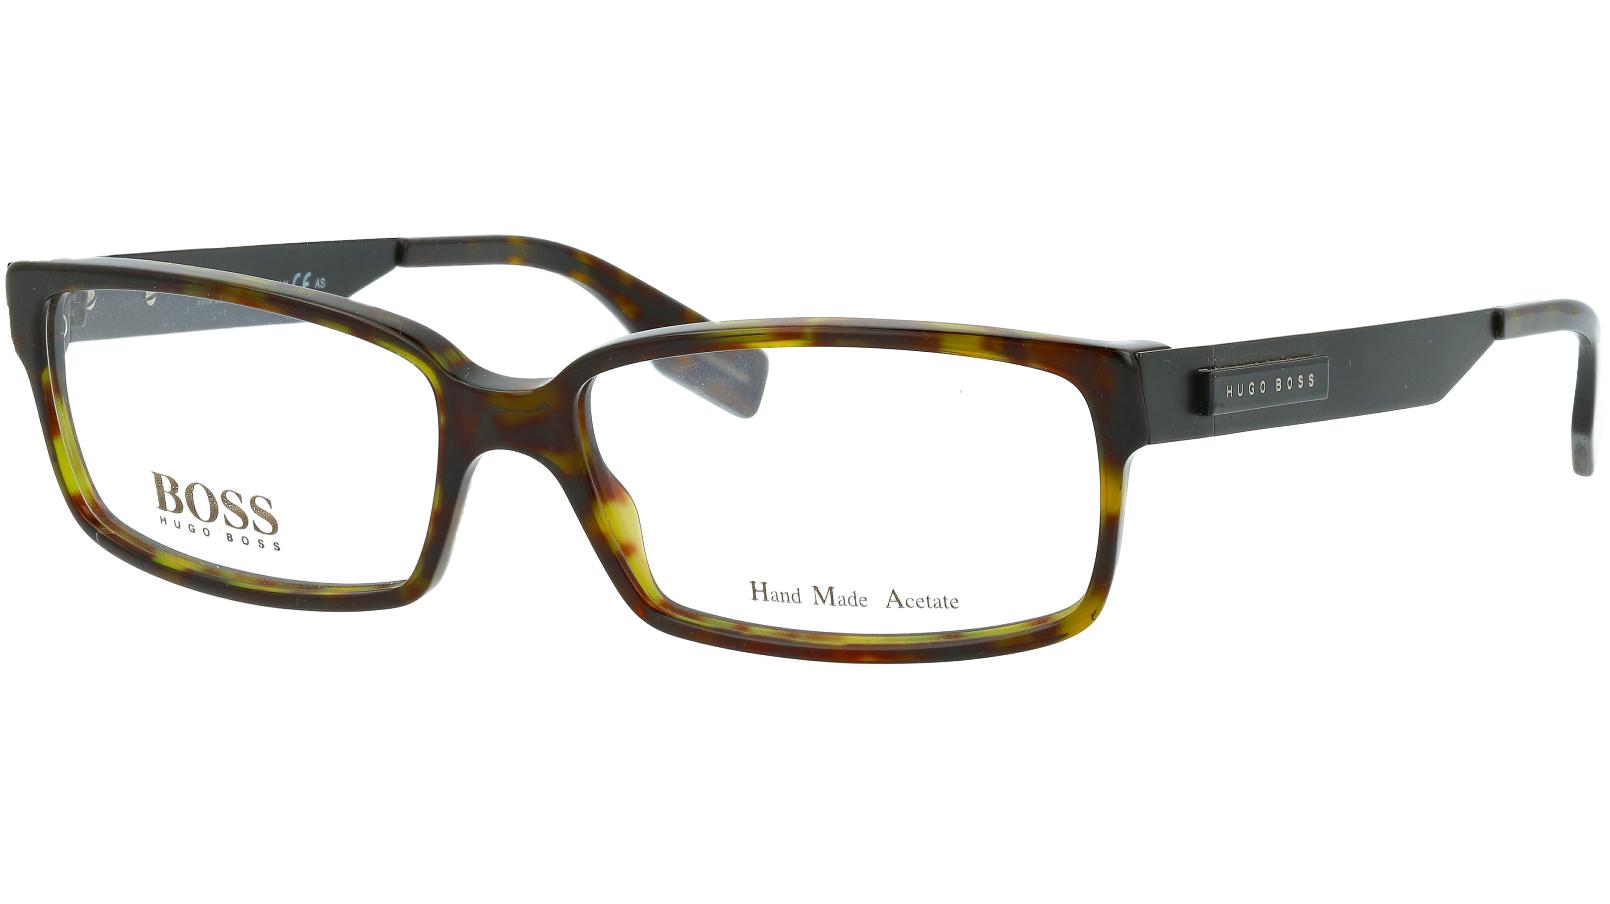 HUGO BOSS BOSS0369 D0N 55 HAVANA Eye Glasses